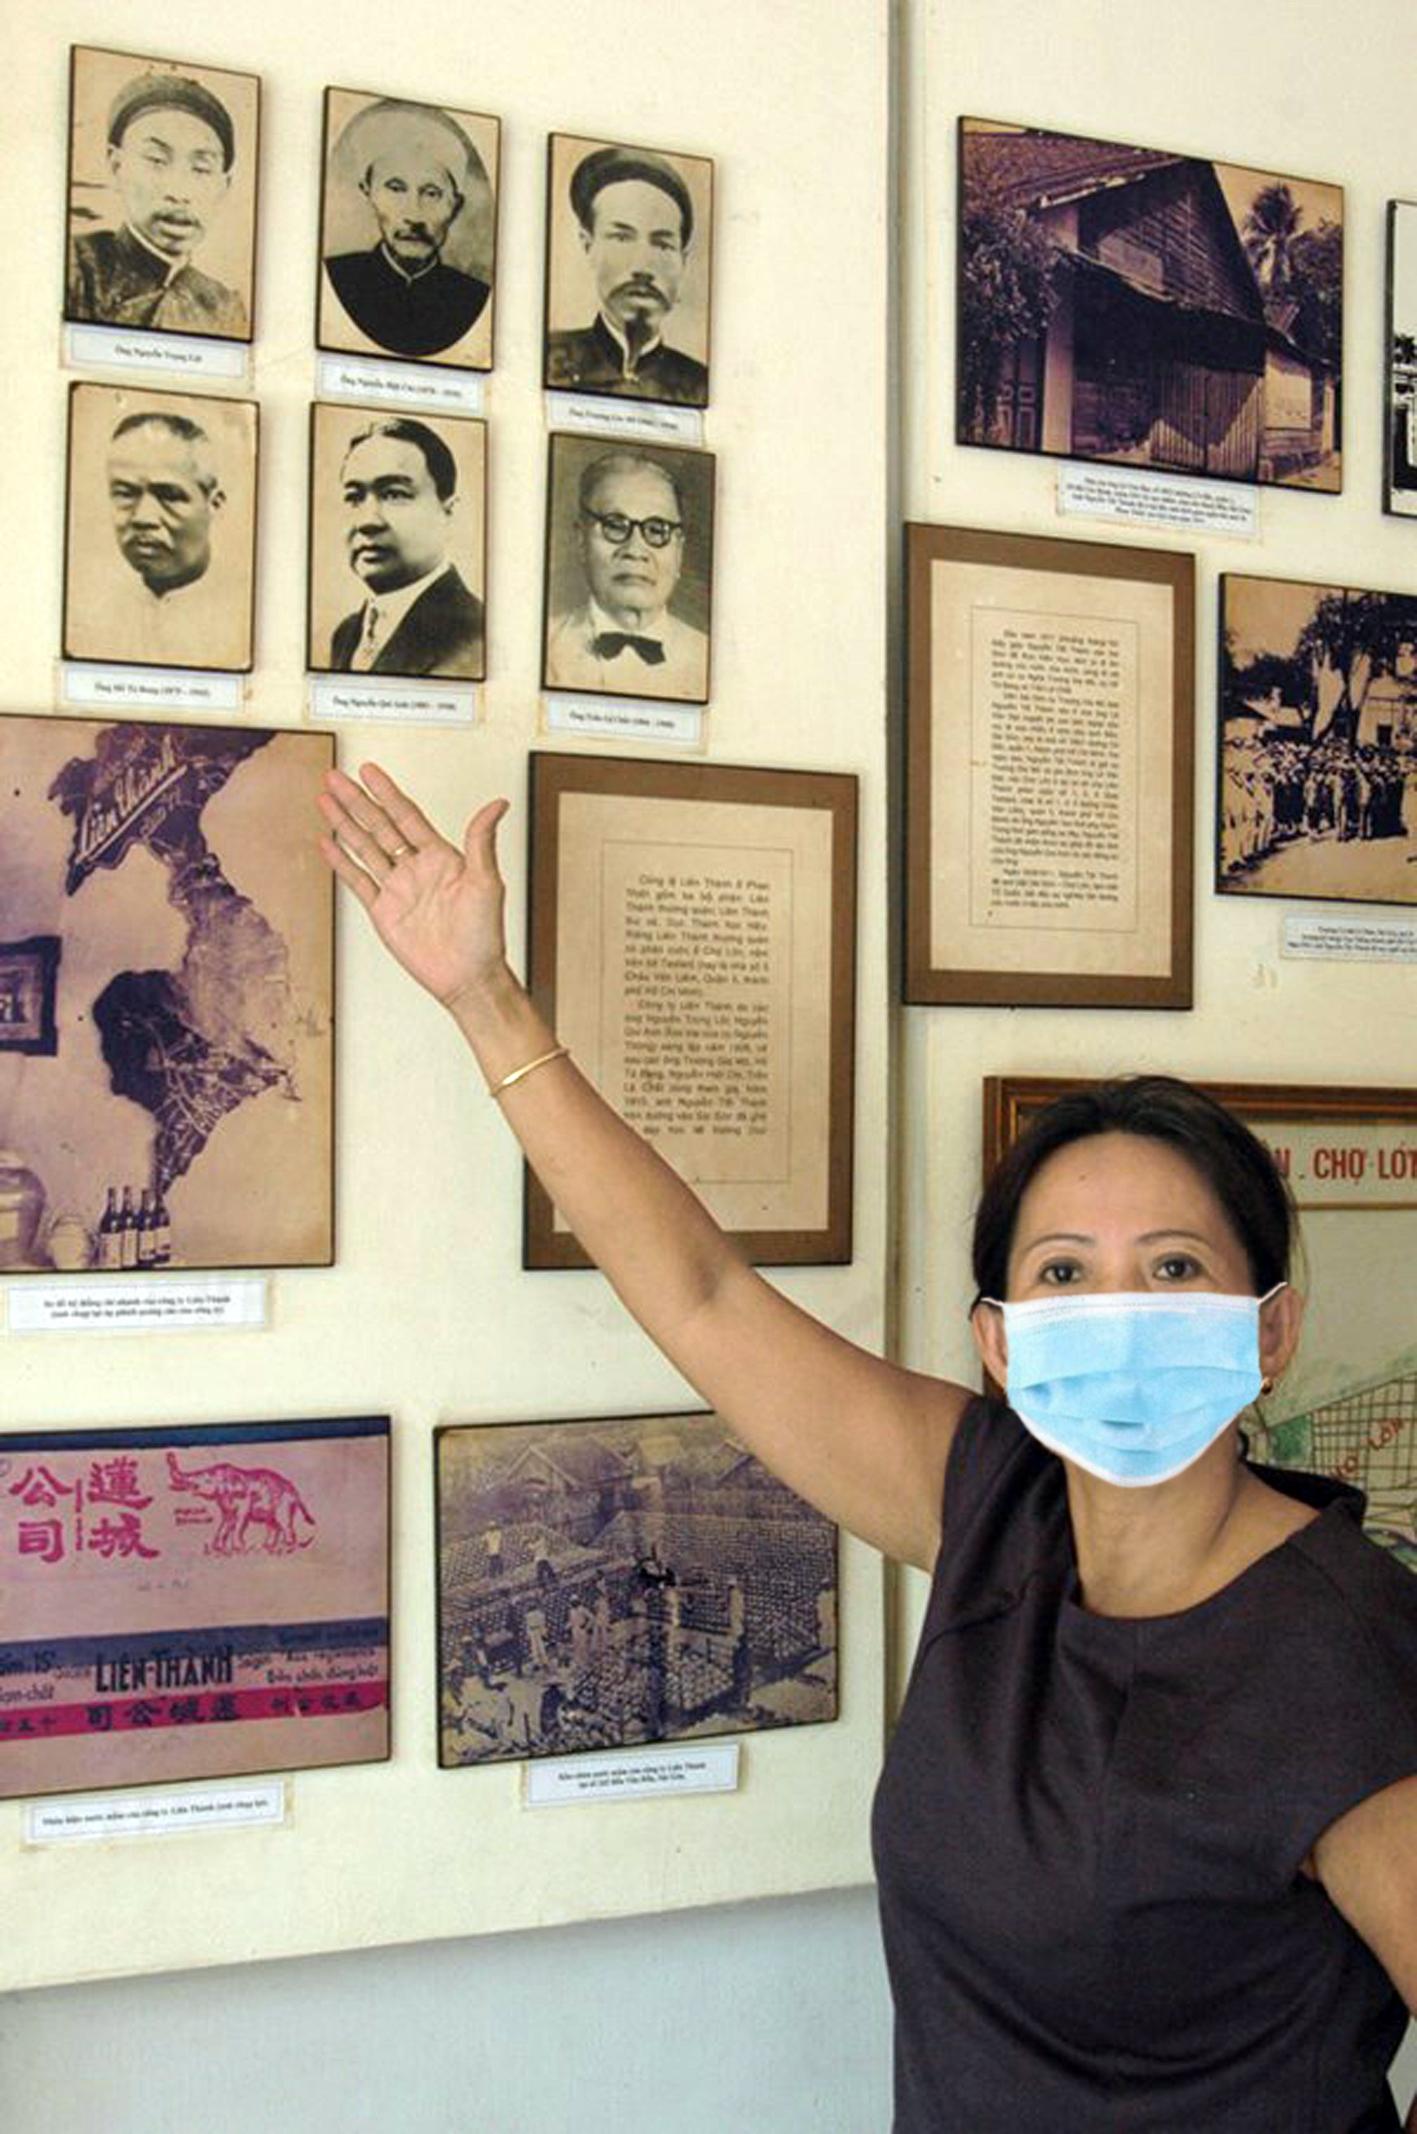 """Chị Đinh Thị Nguyệt: """"Mỗi thuyết minh viên ở Nhà Bác Hồ không chỉ là người kể chuyện,  mà còn là nhà tổ chức, lên kế hoạch cho những hoạt động làm lan tỏa, truyền trao  lòng yêu kính vị Cha già của dân tộc Việt Nam"""""""